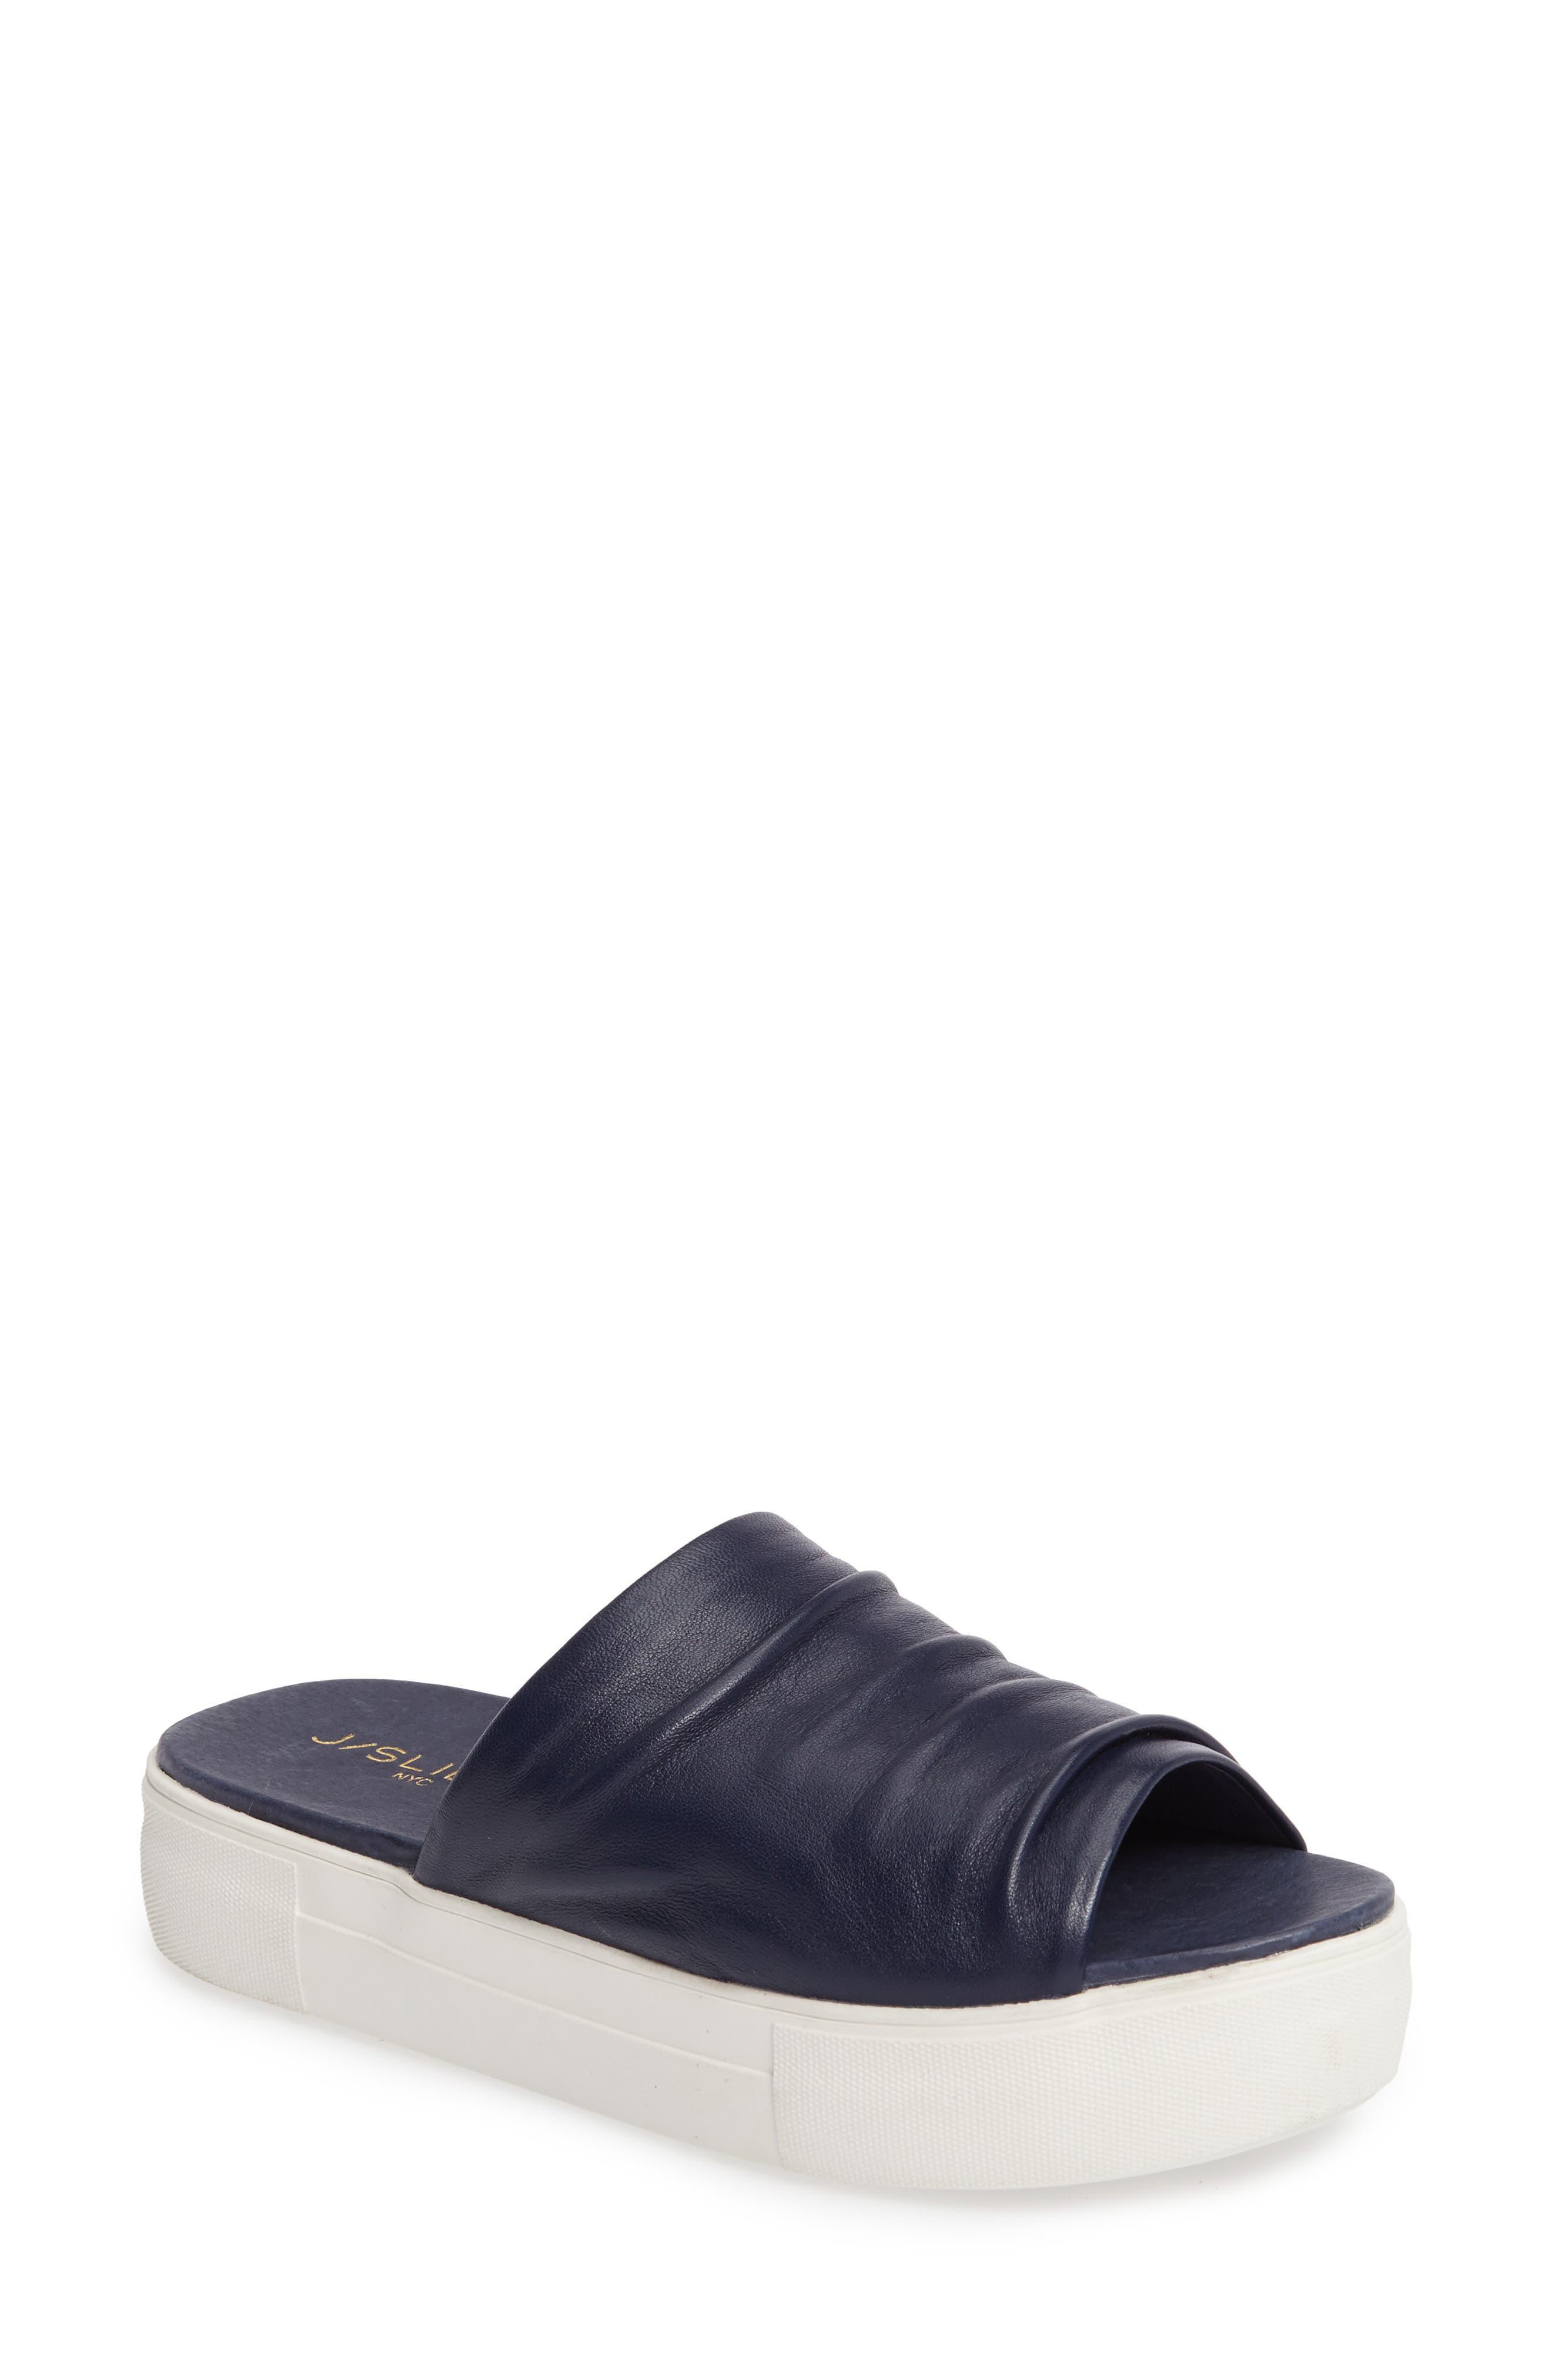 JSLIDES Alura Platform Slide Sandal